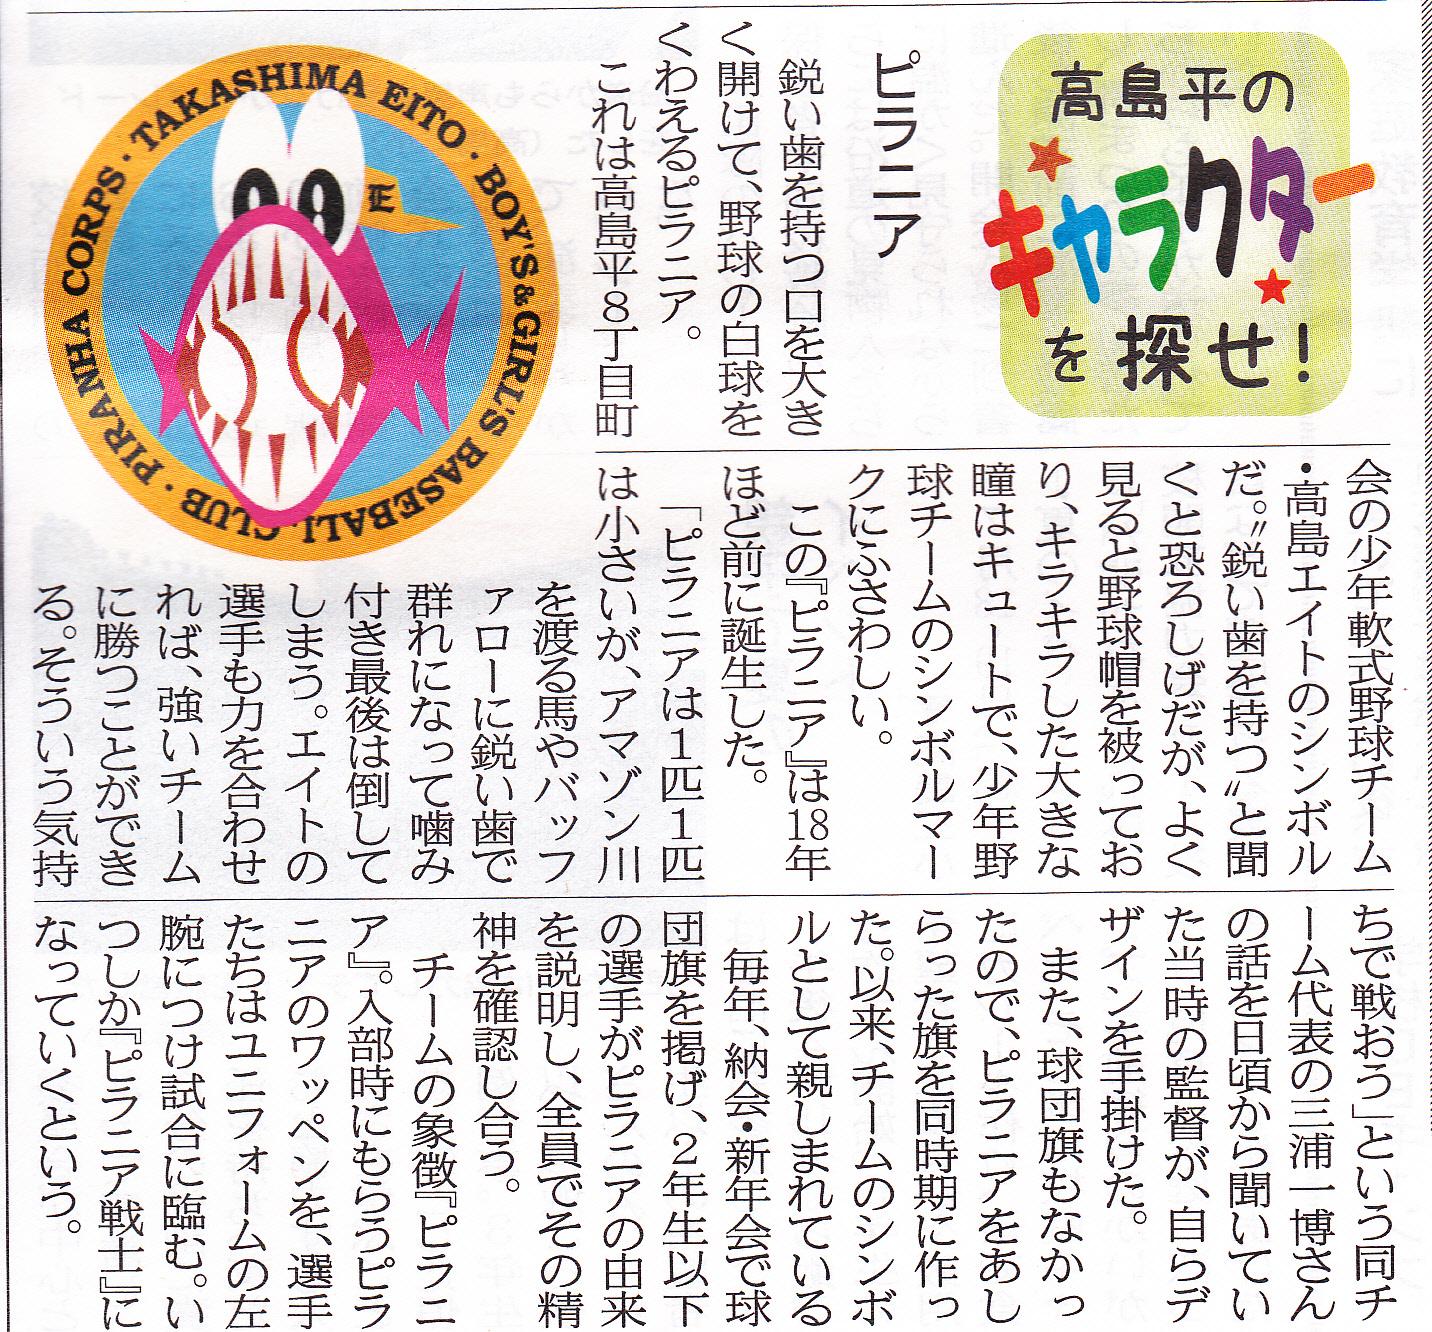 高島平新聞記事2015年8月15日.jpg